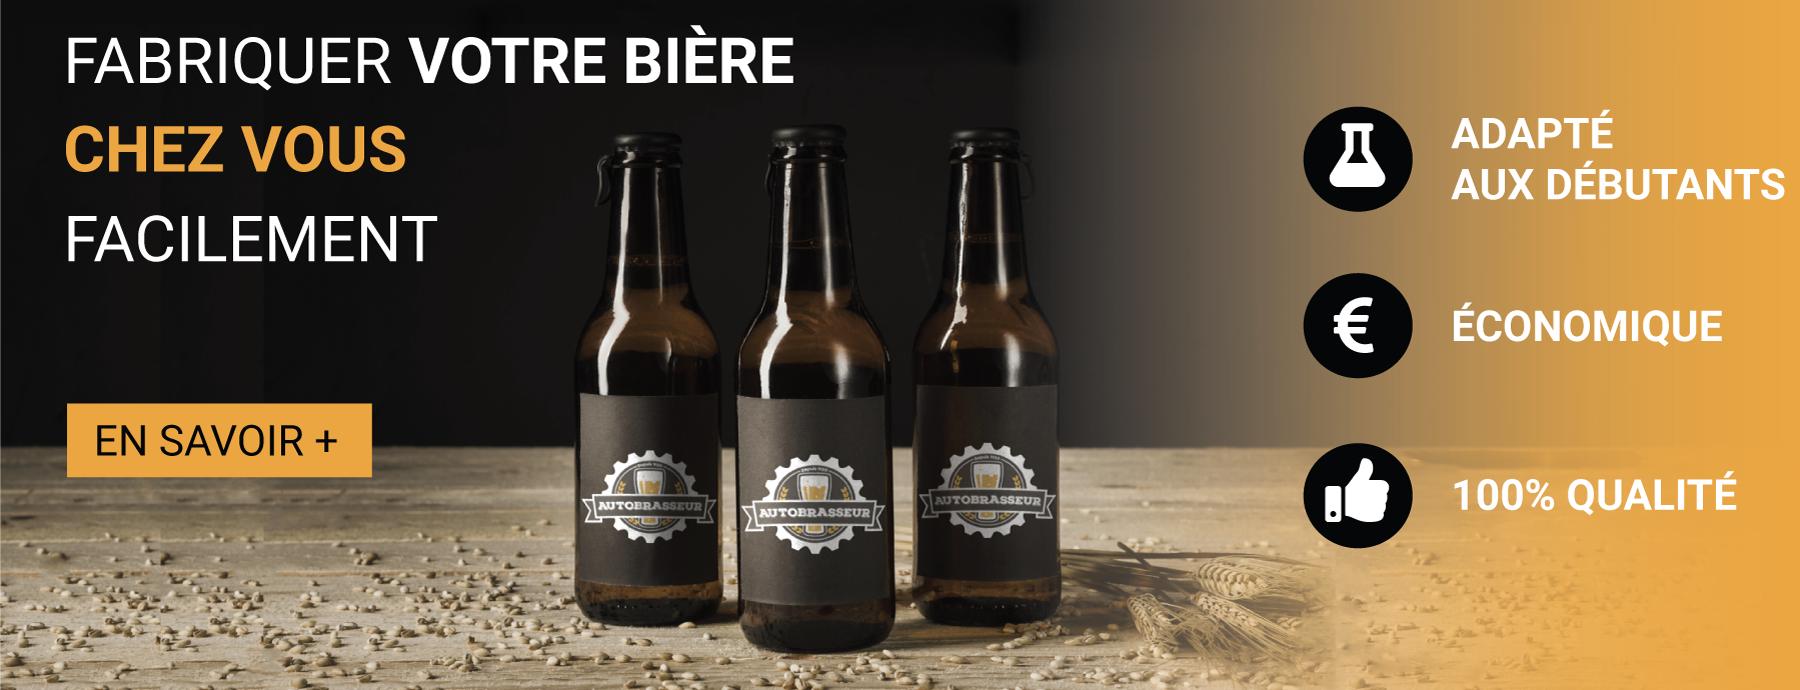 fabriquer-votre-biere-chez-vous-facilement-autobrasseur